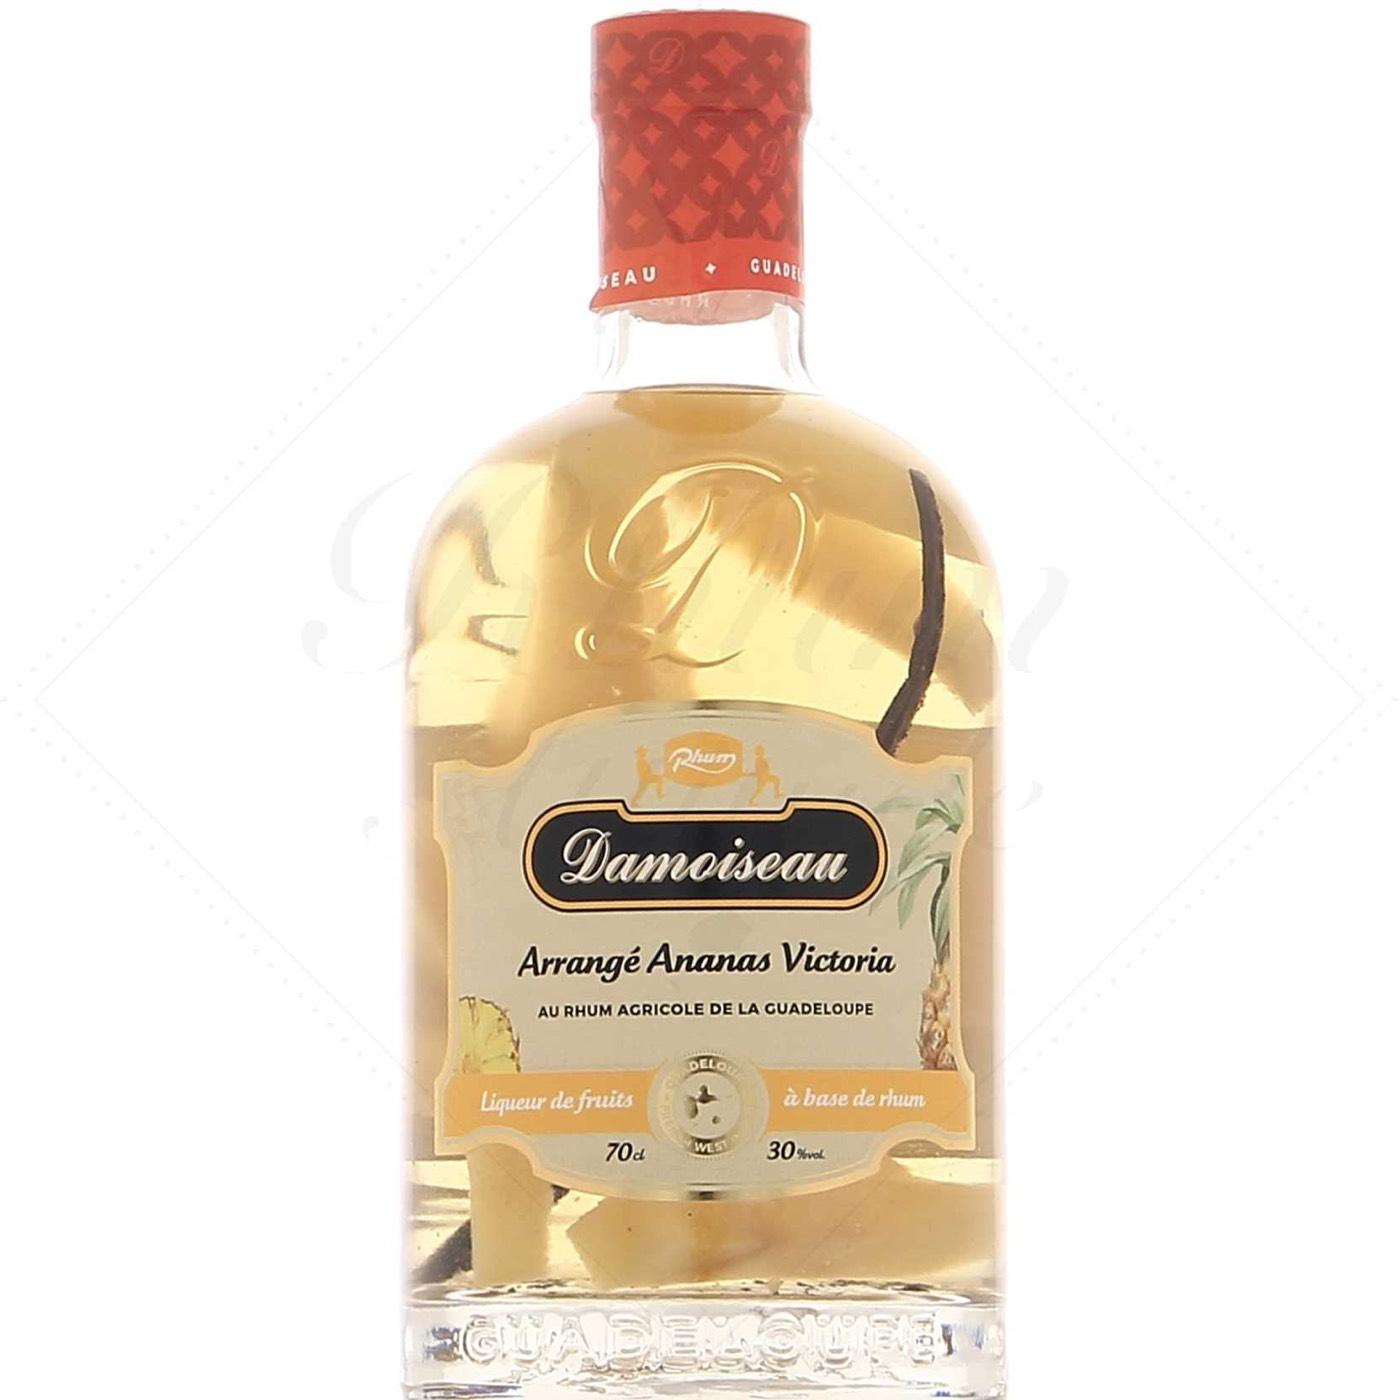 Bottle image of Les Arrangés Ananas Victoria